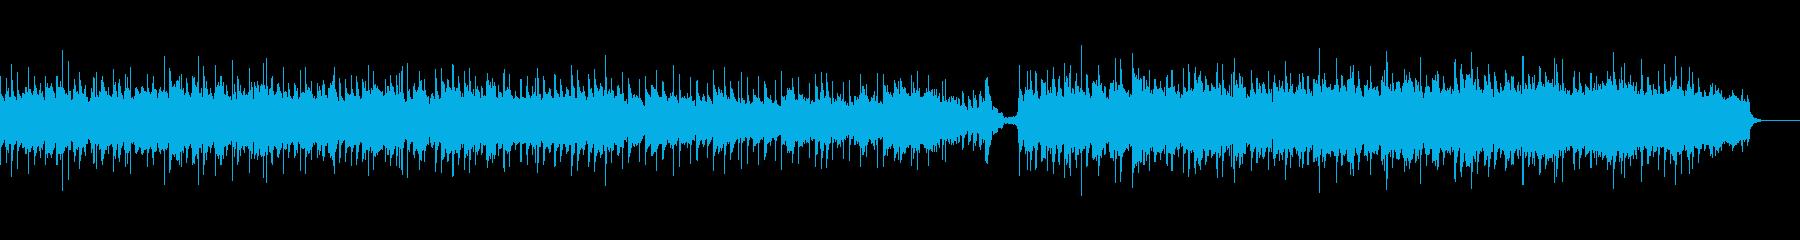 儚く切ないアコースティックバラードの再生済みの波形